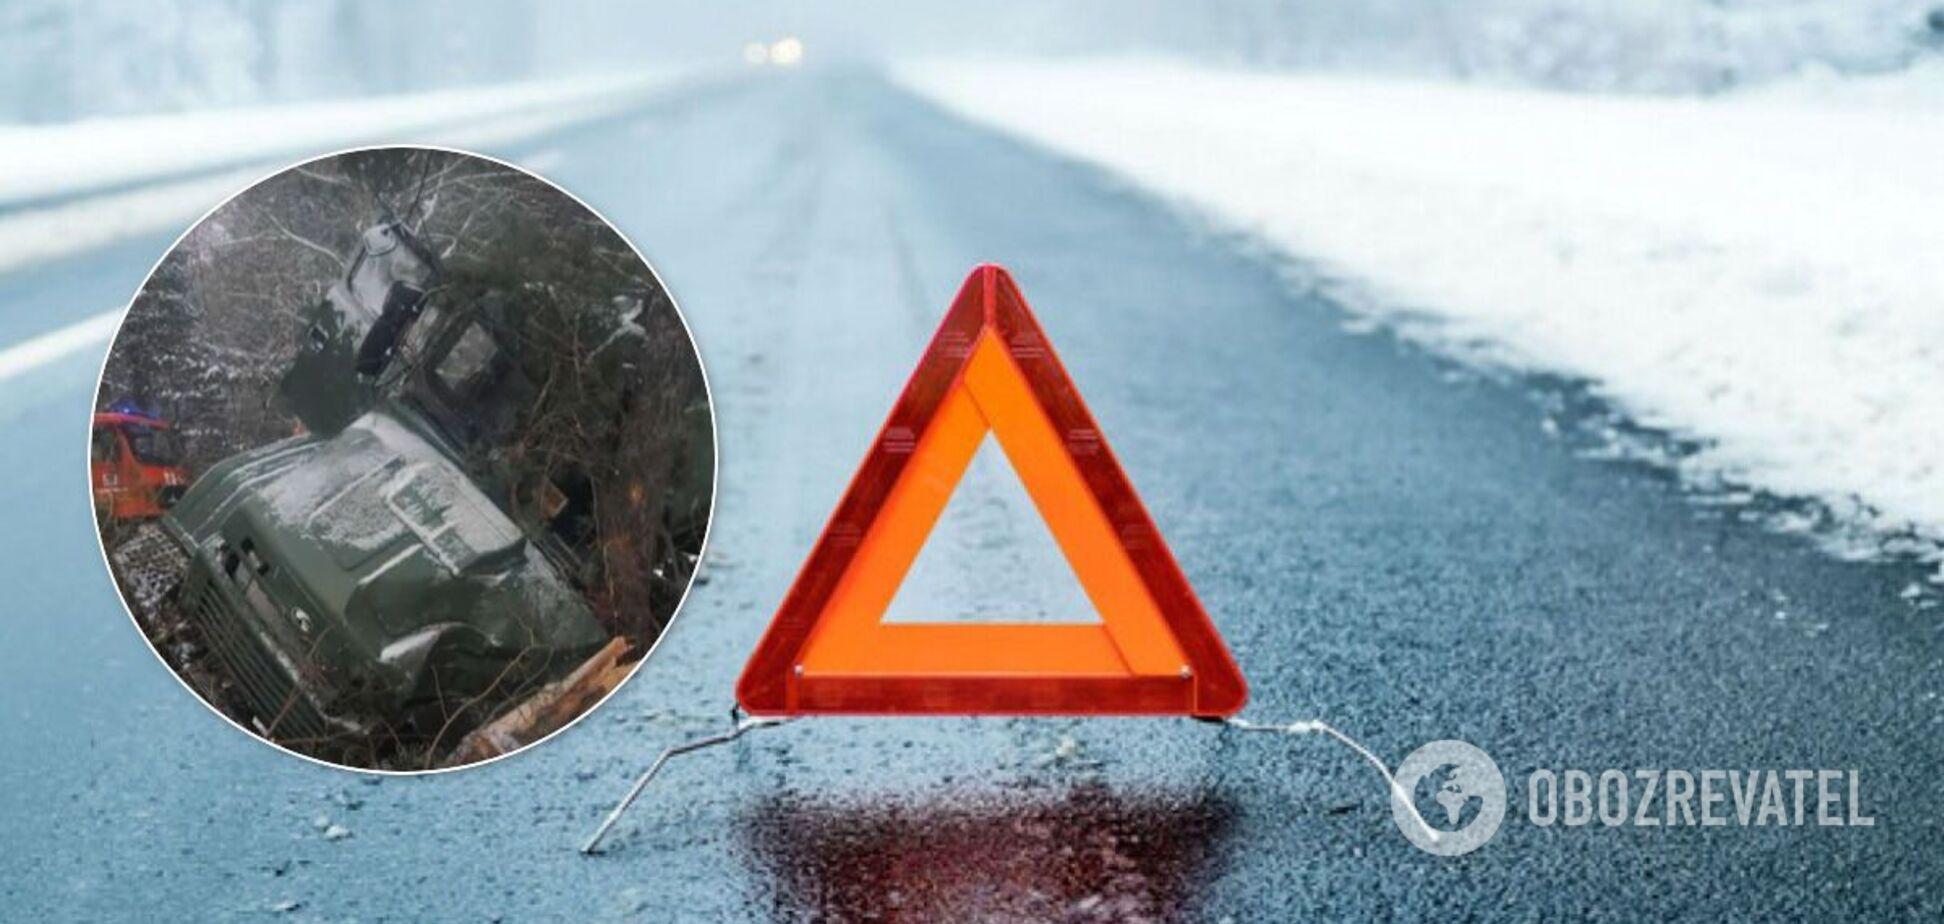 Аварія сталася на Яворівському полігоні